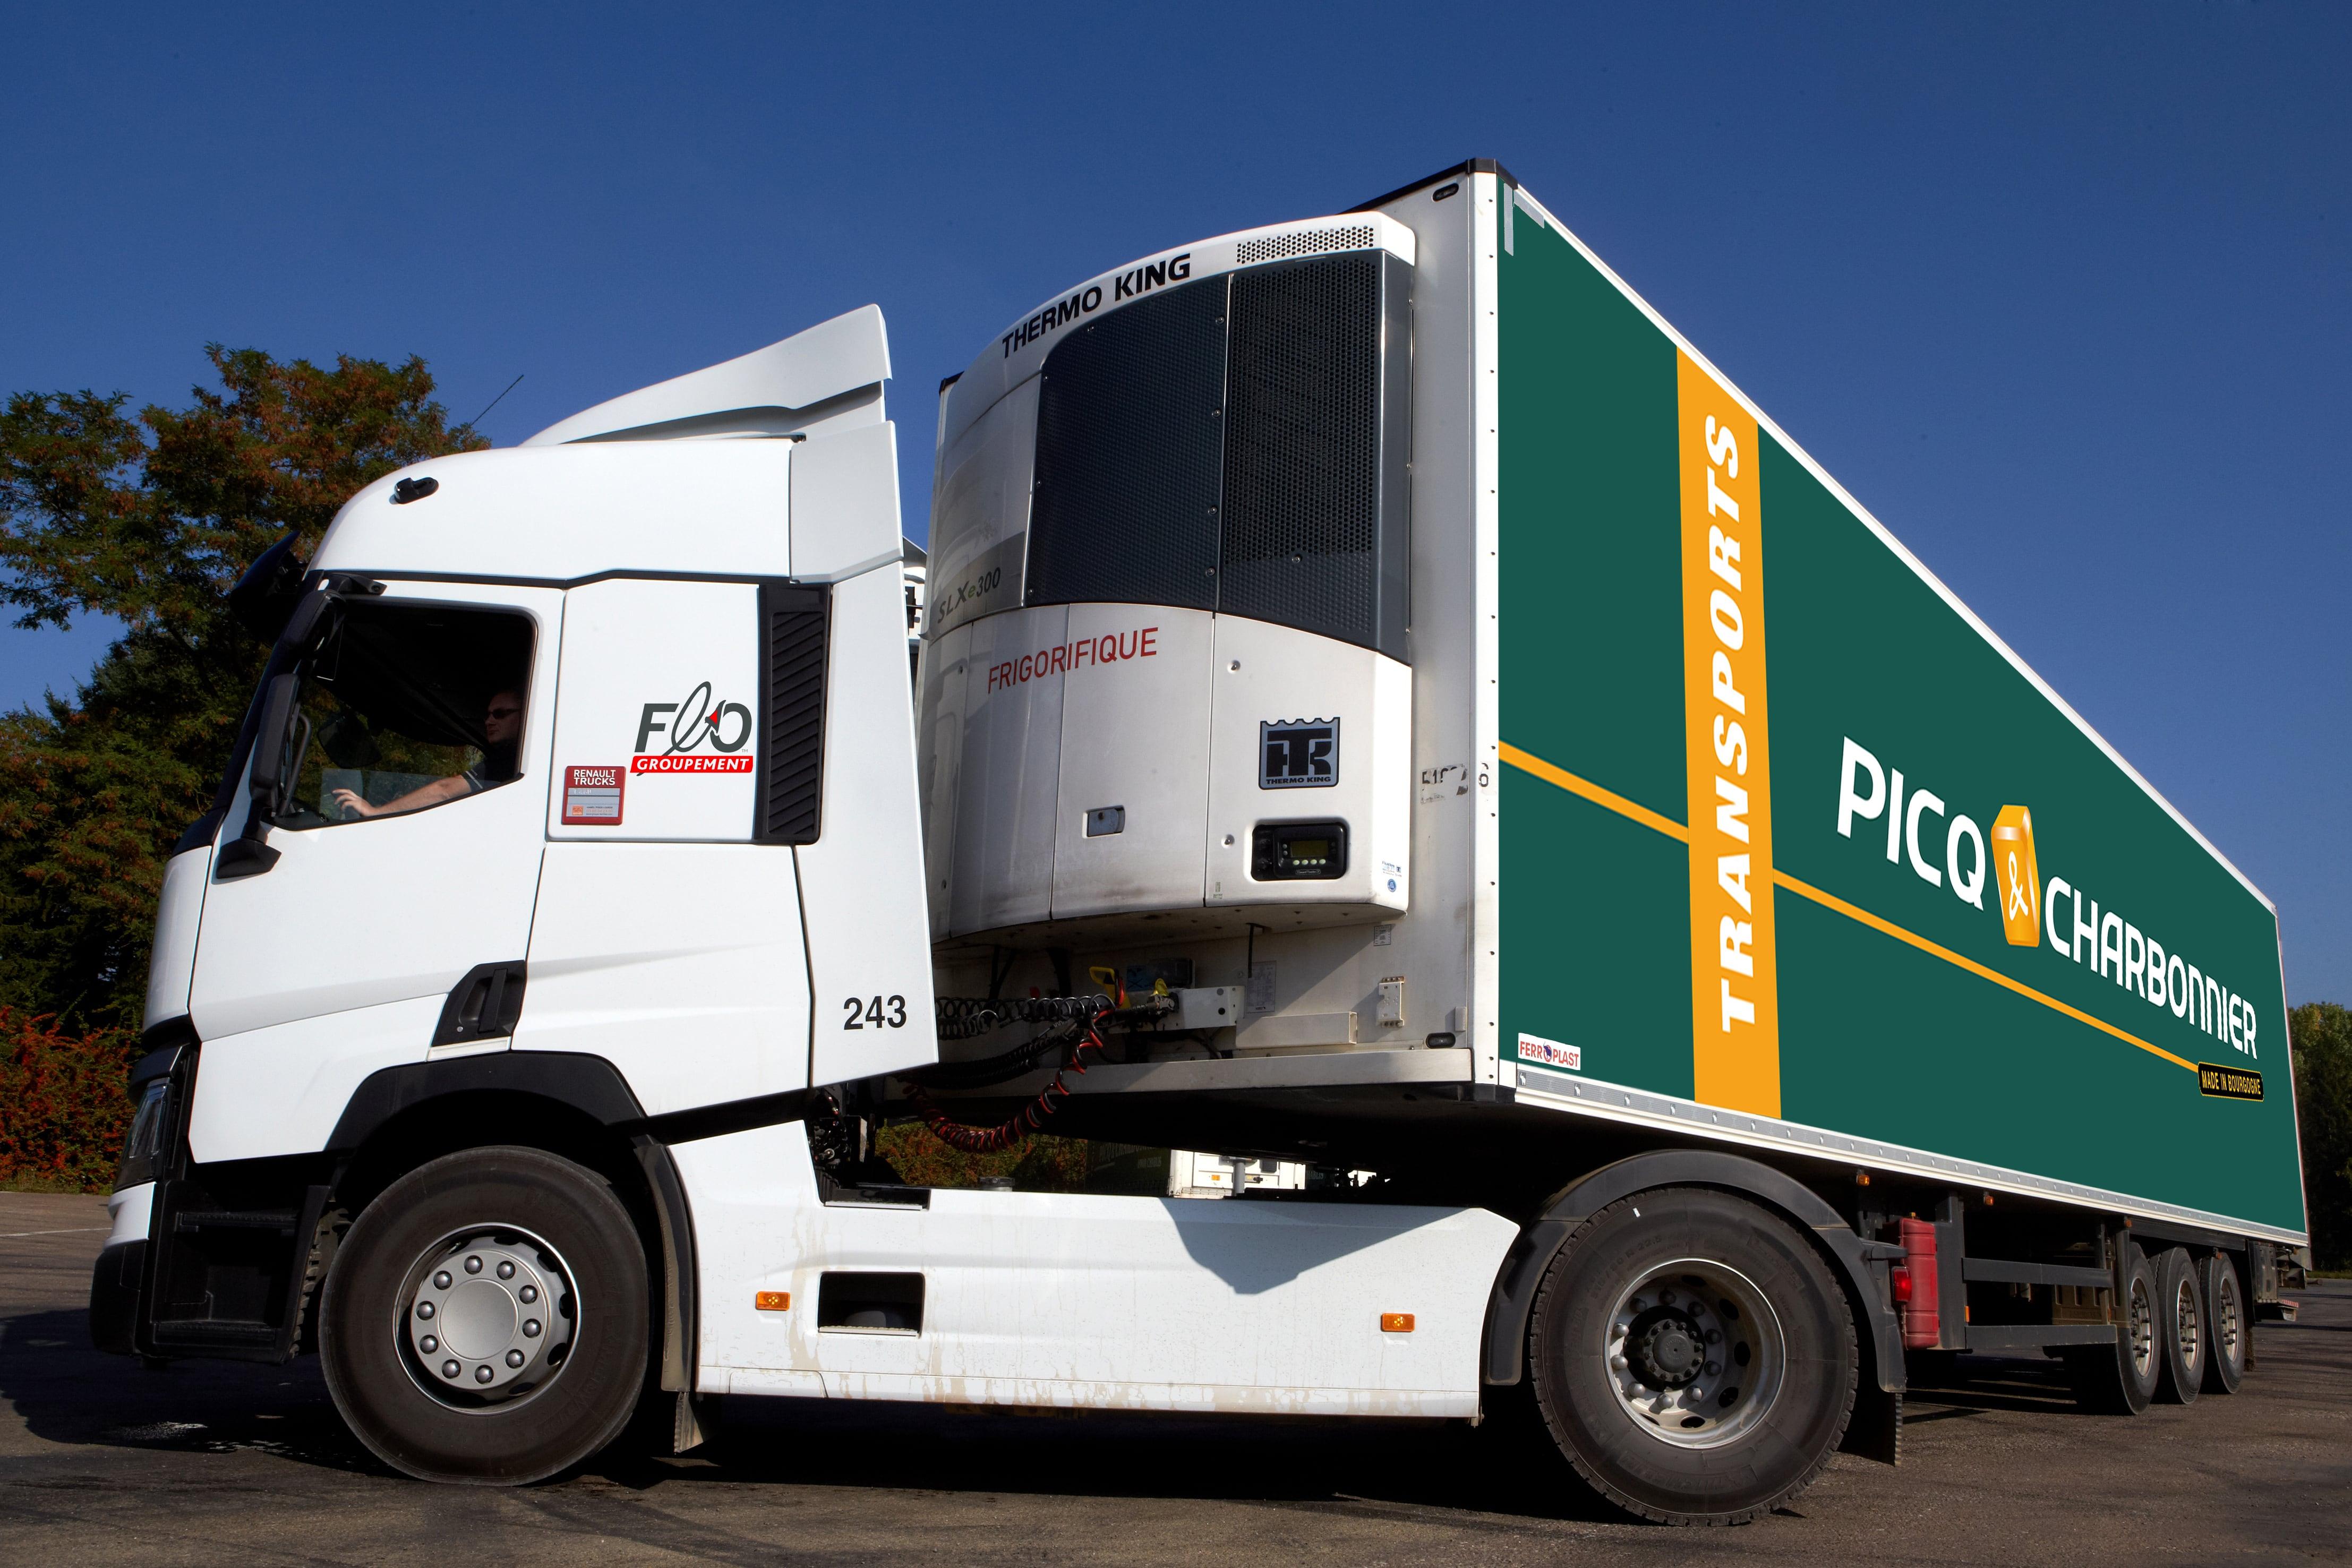 Camion frigorifique Transport Picq & Charbonnier